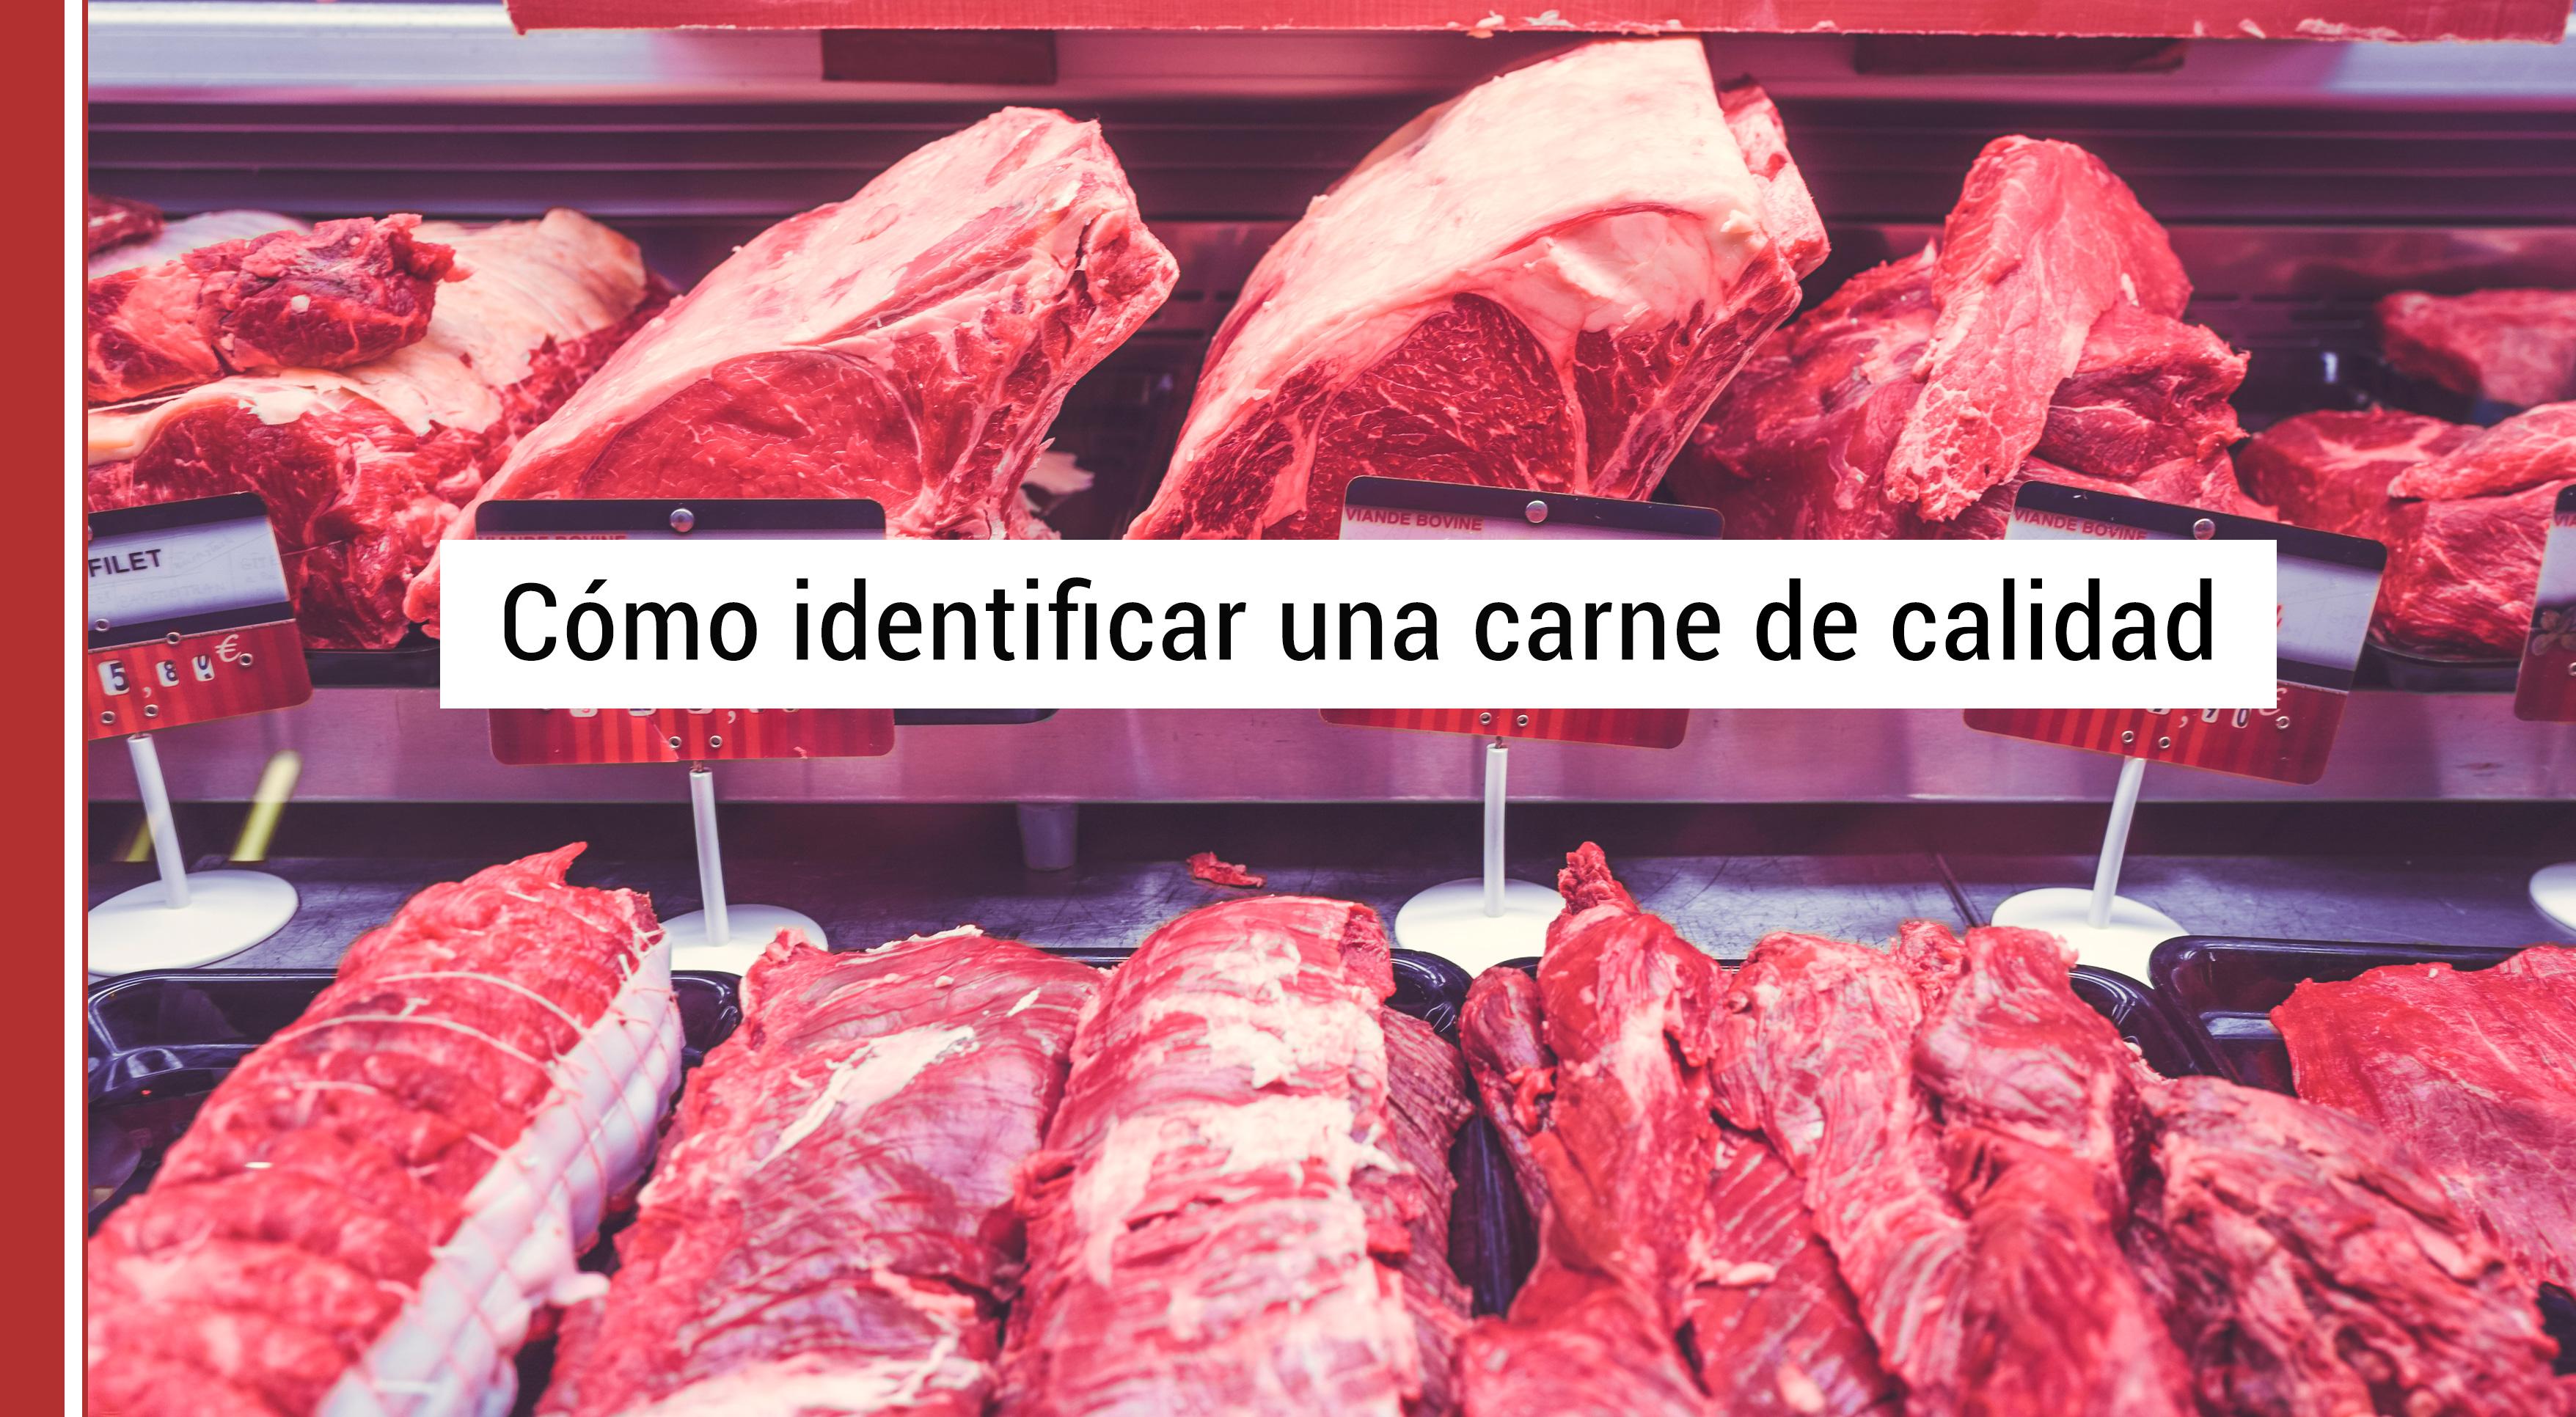 Cómo identificar una carne de calidad a golpe de vista